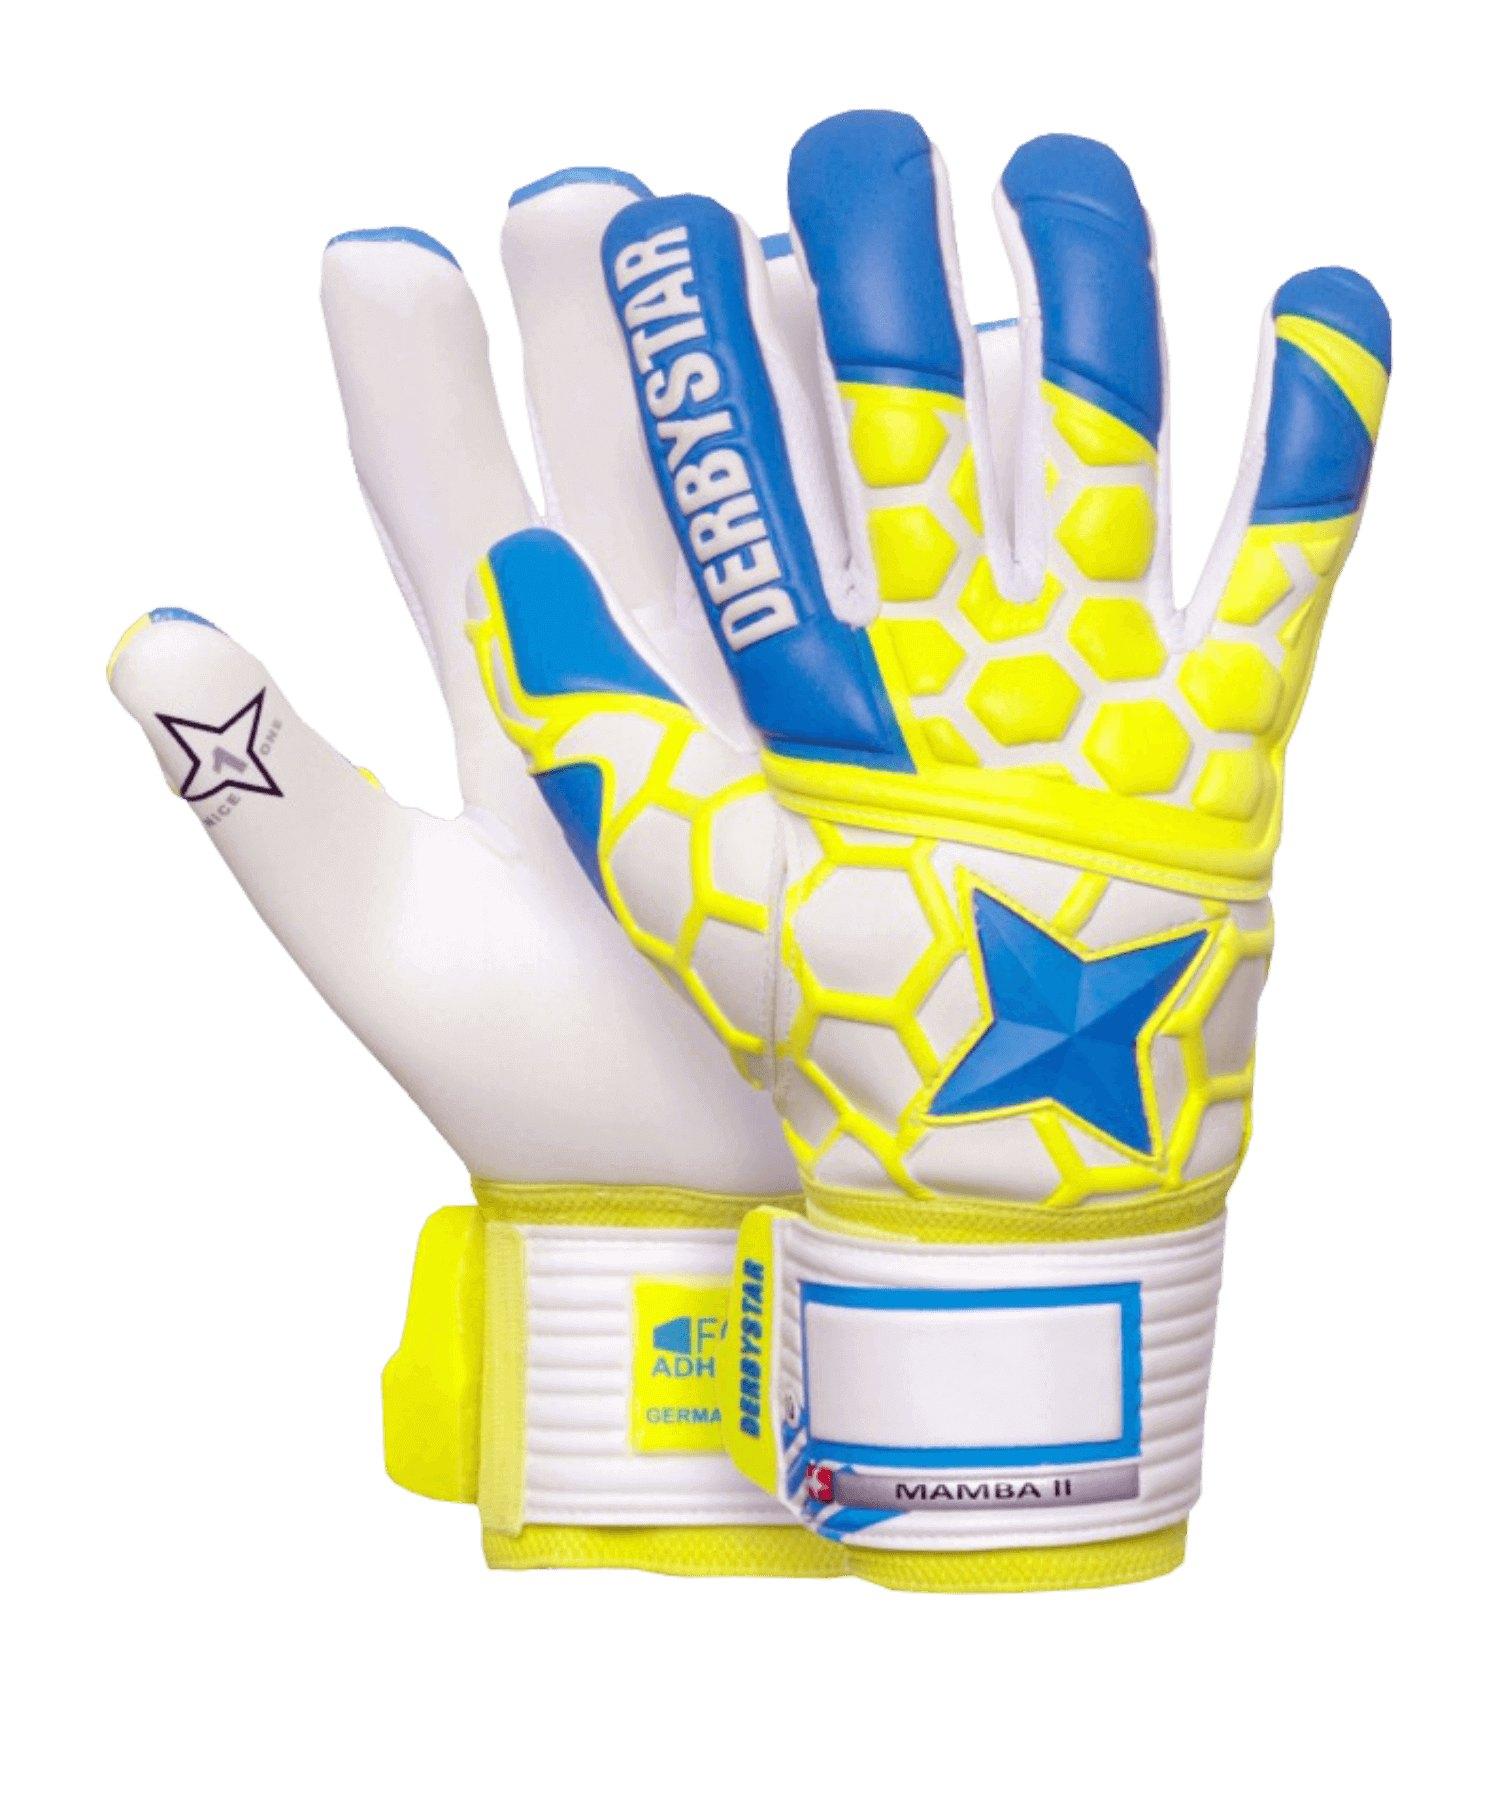 Derbystar Mamba II Torwarthandschuh Blau Gelb F000 - blau